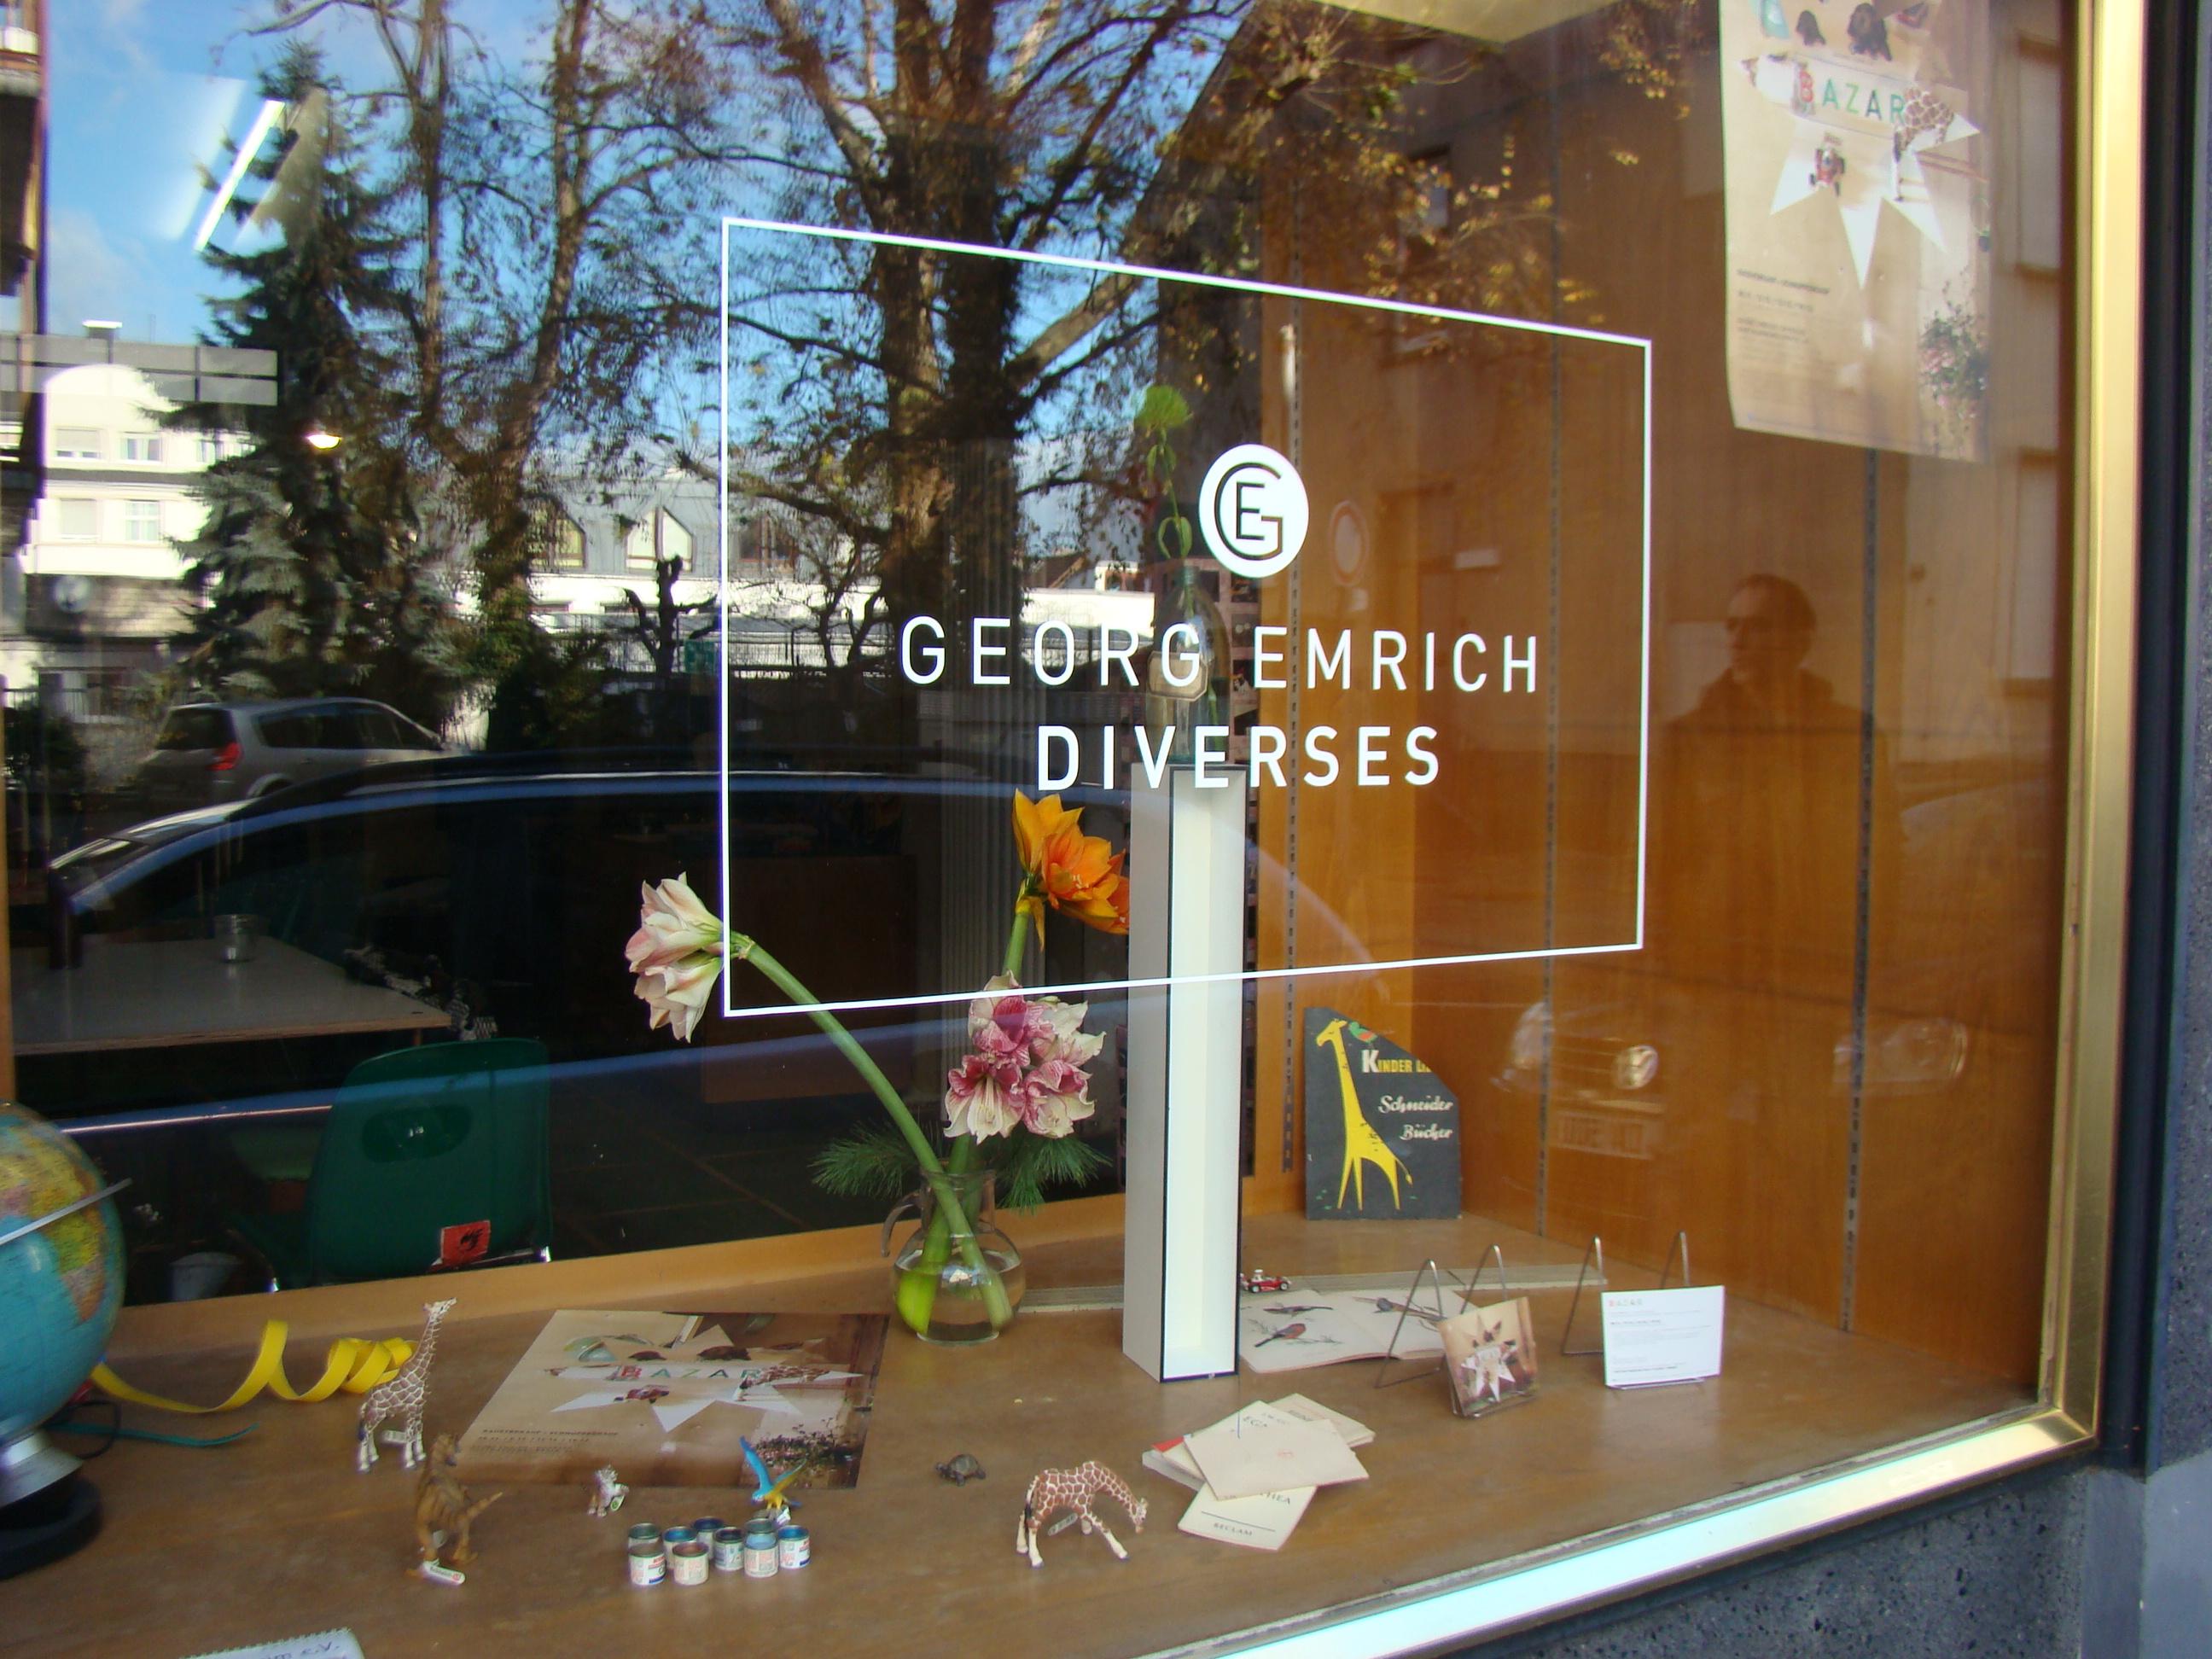 Schaufenster Georg Emrich / Diverses beim BAZAR